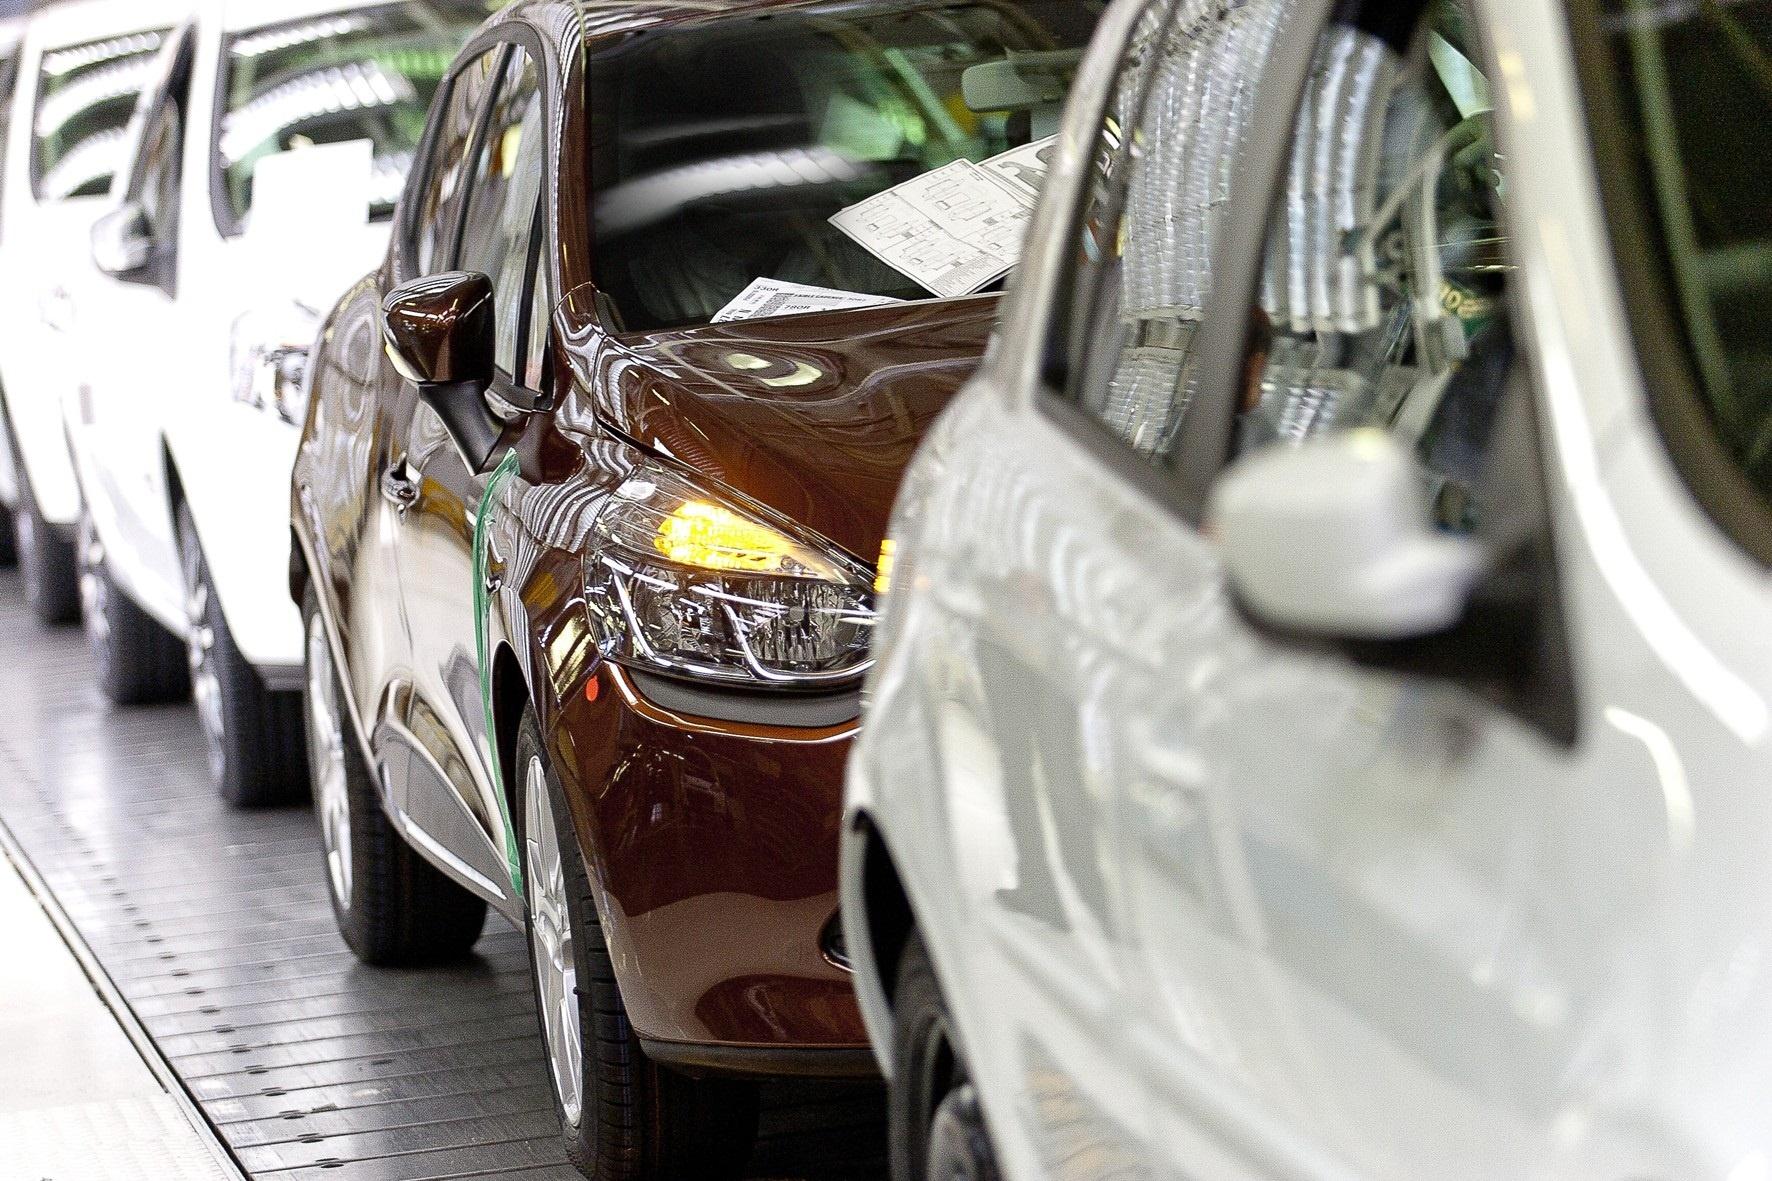 Las ventas de coches en Europa caen un 7,8% en 2012 lastradas por España, Francia e Italia